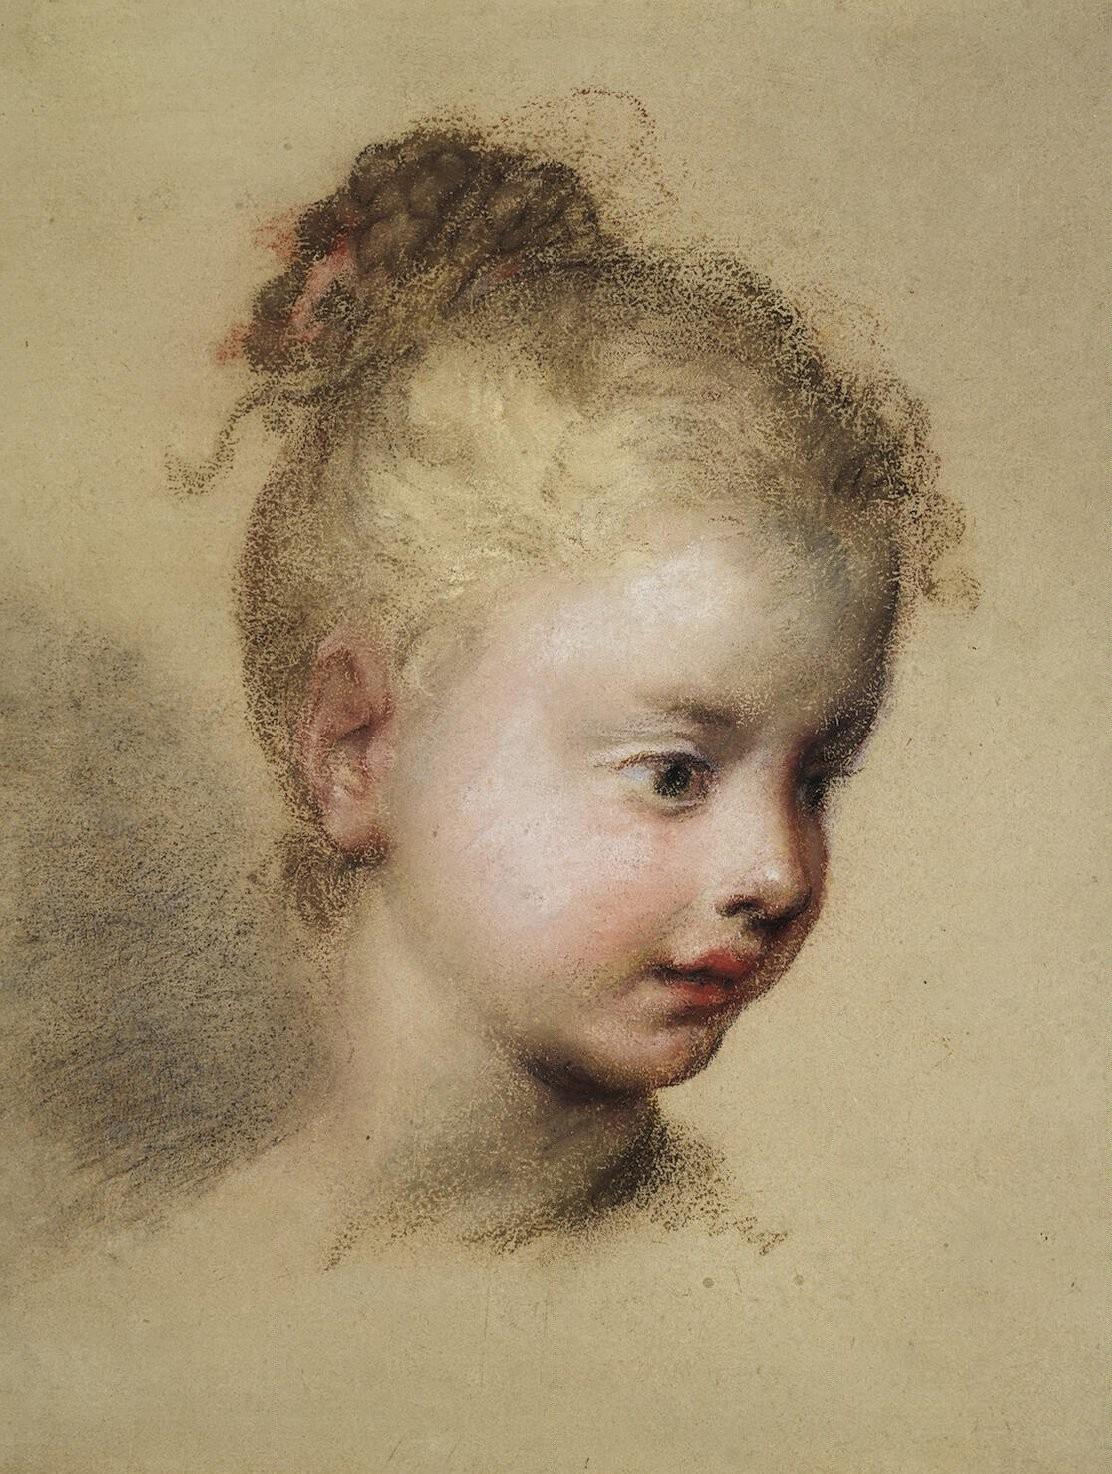 l-head-of-a-child-in-profile